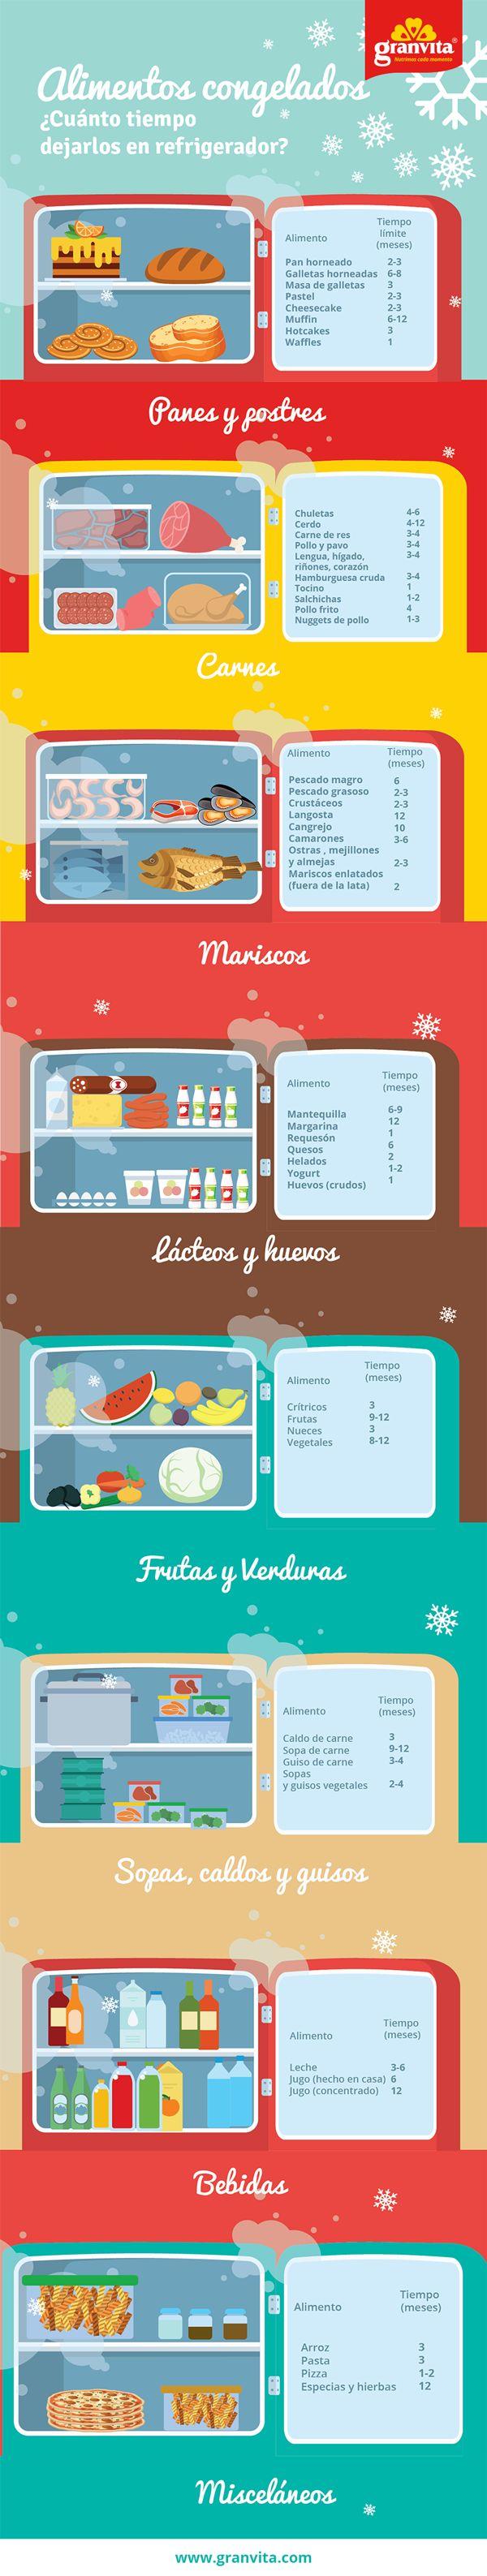 Descubre en esta infografía qué tiempo de vida deben tener tus alimentos en el congelador.